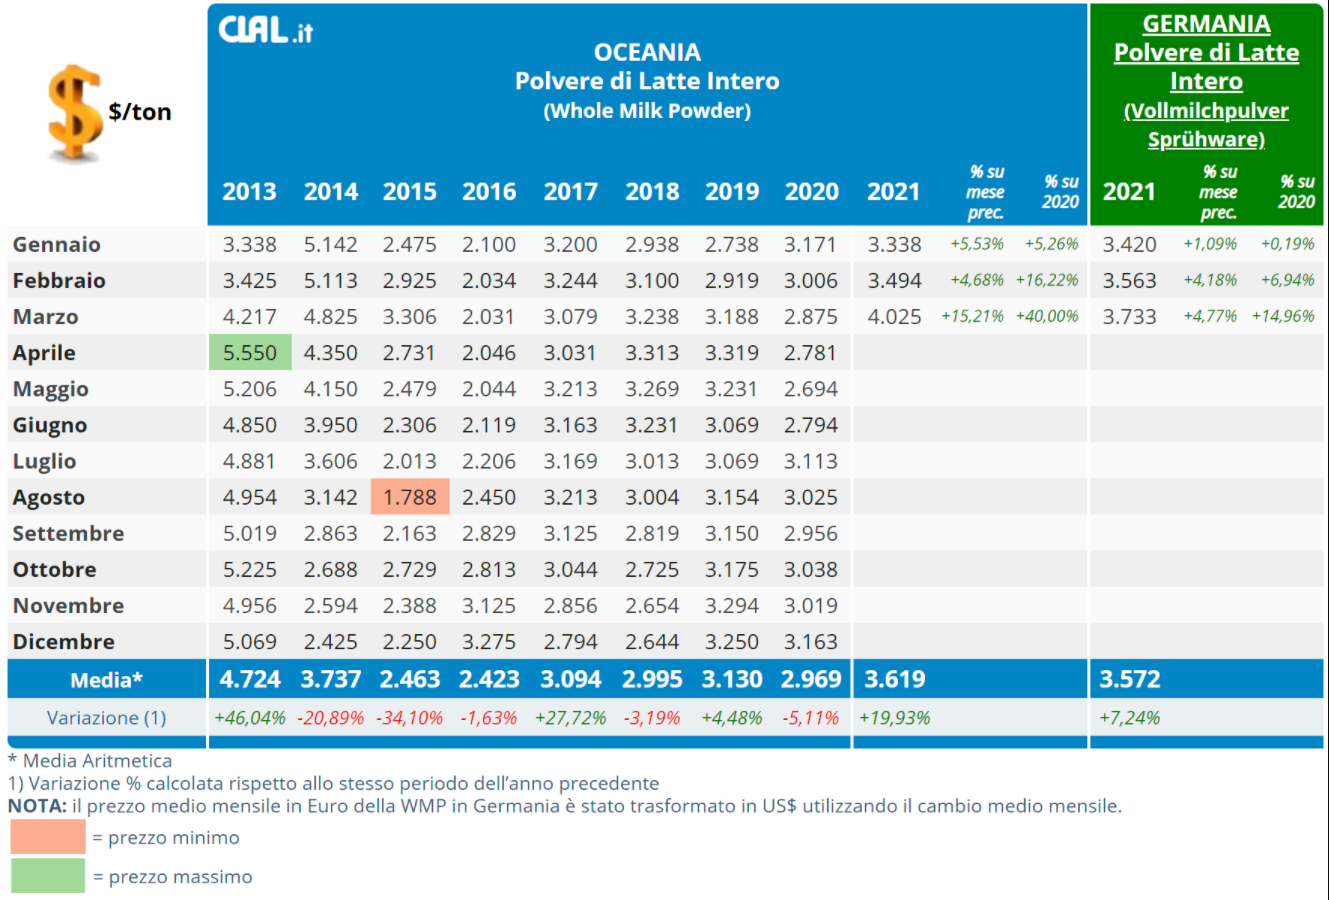 CLAL.it - Confronto Prezzi WMP Oceania e Germania